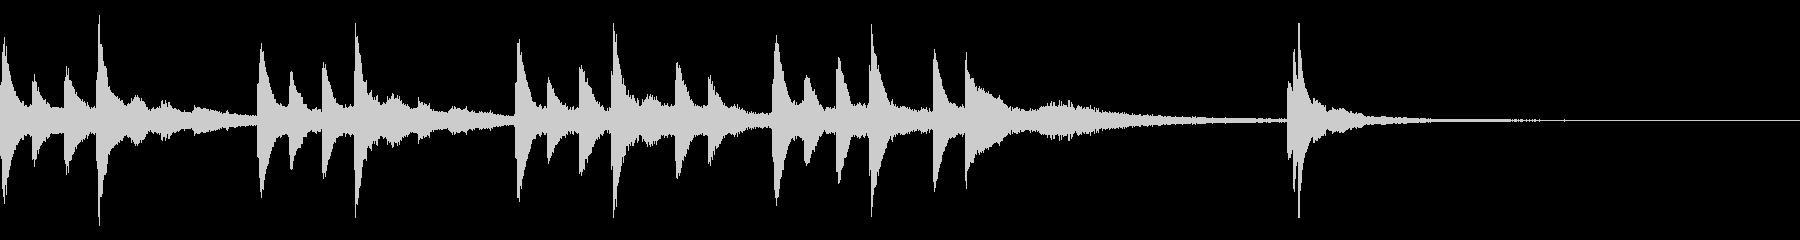 切ないピアノのジングルの未再生の波形